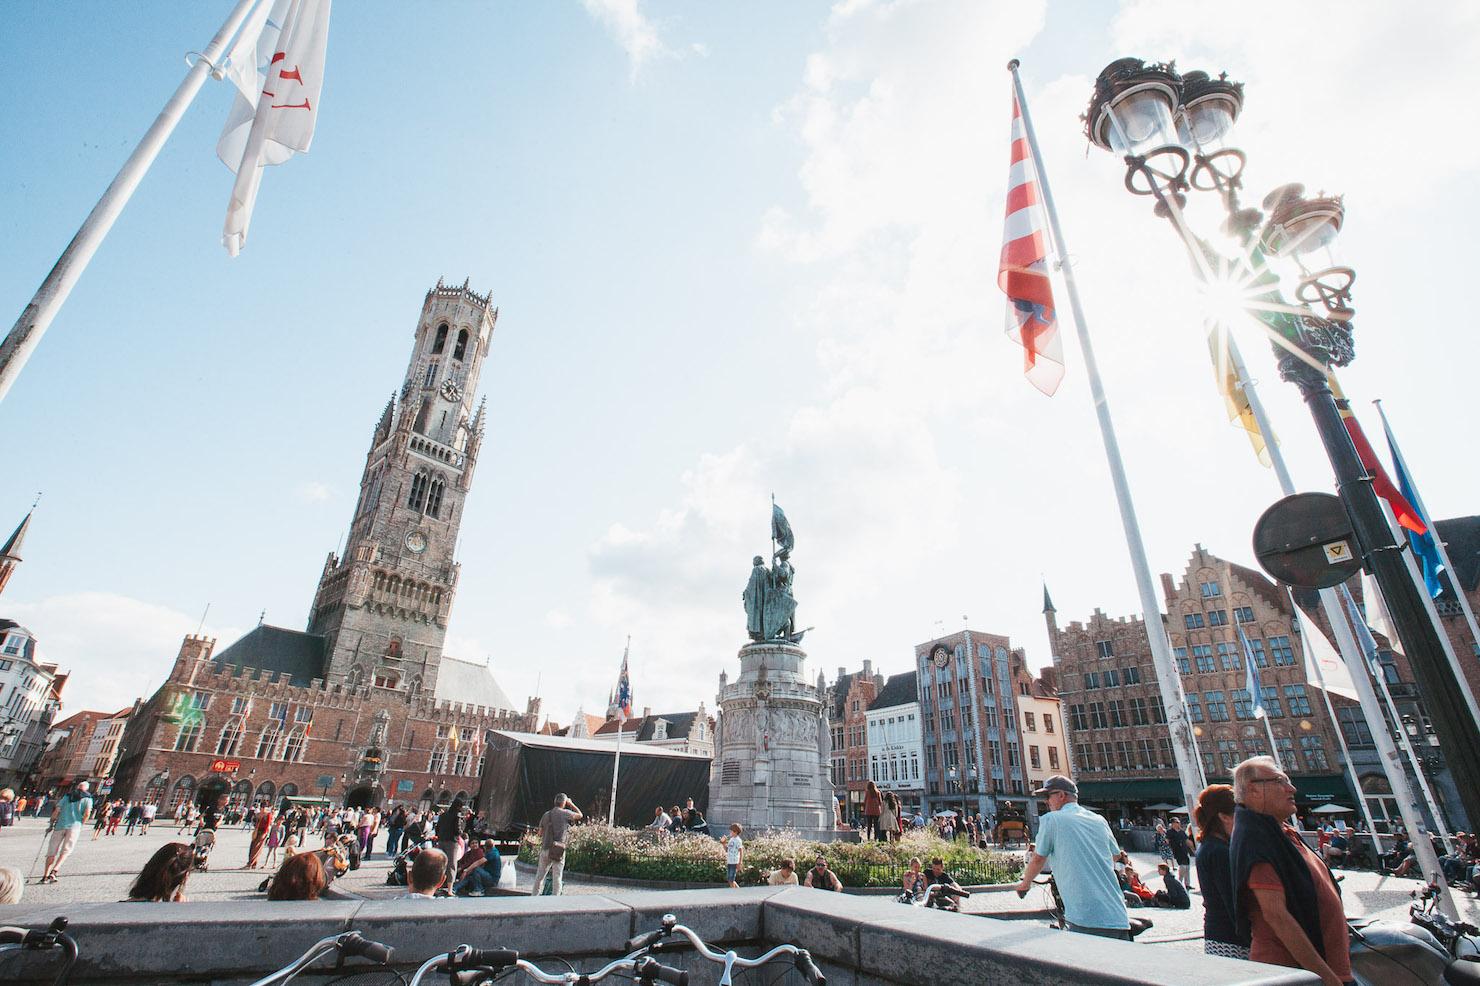 Brugge, Belgium Market Square